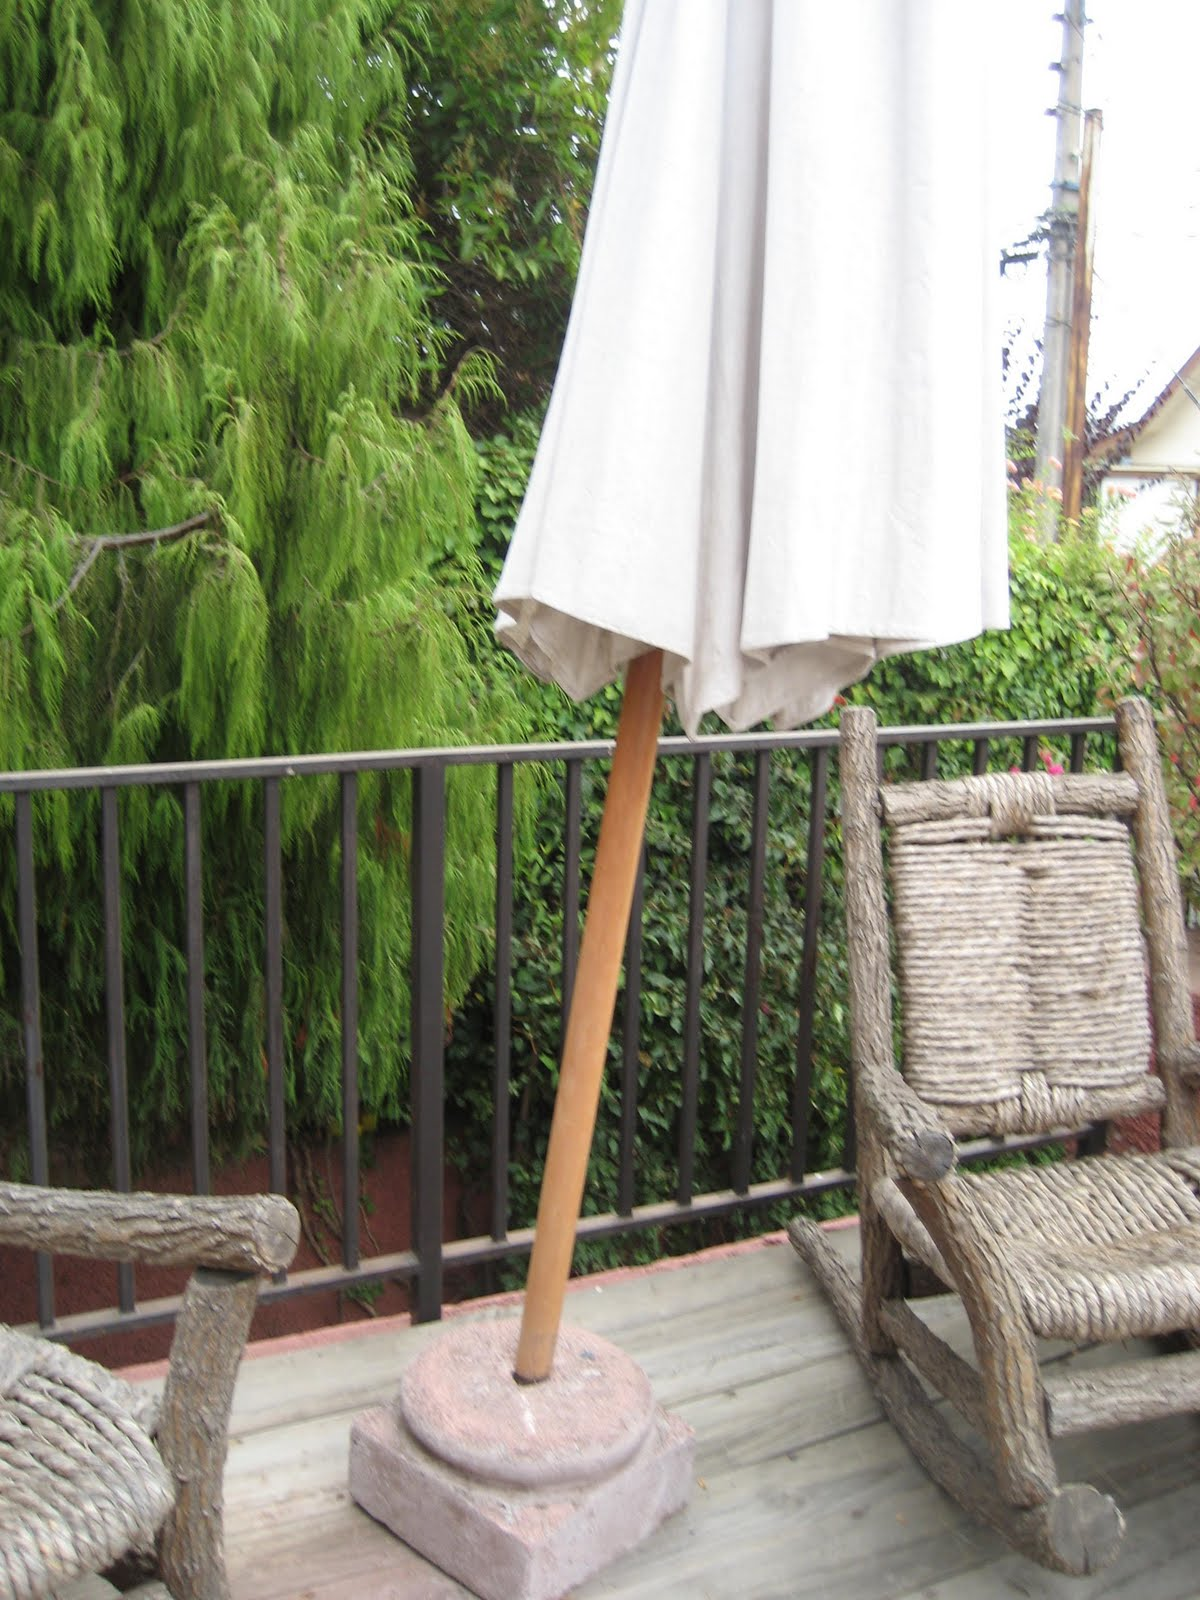 Articulos a la venta por poca plata quitasol grande de for Articulos terraza